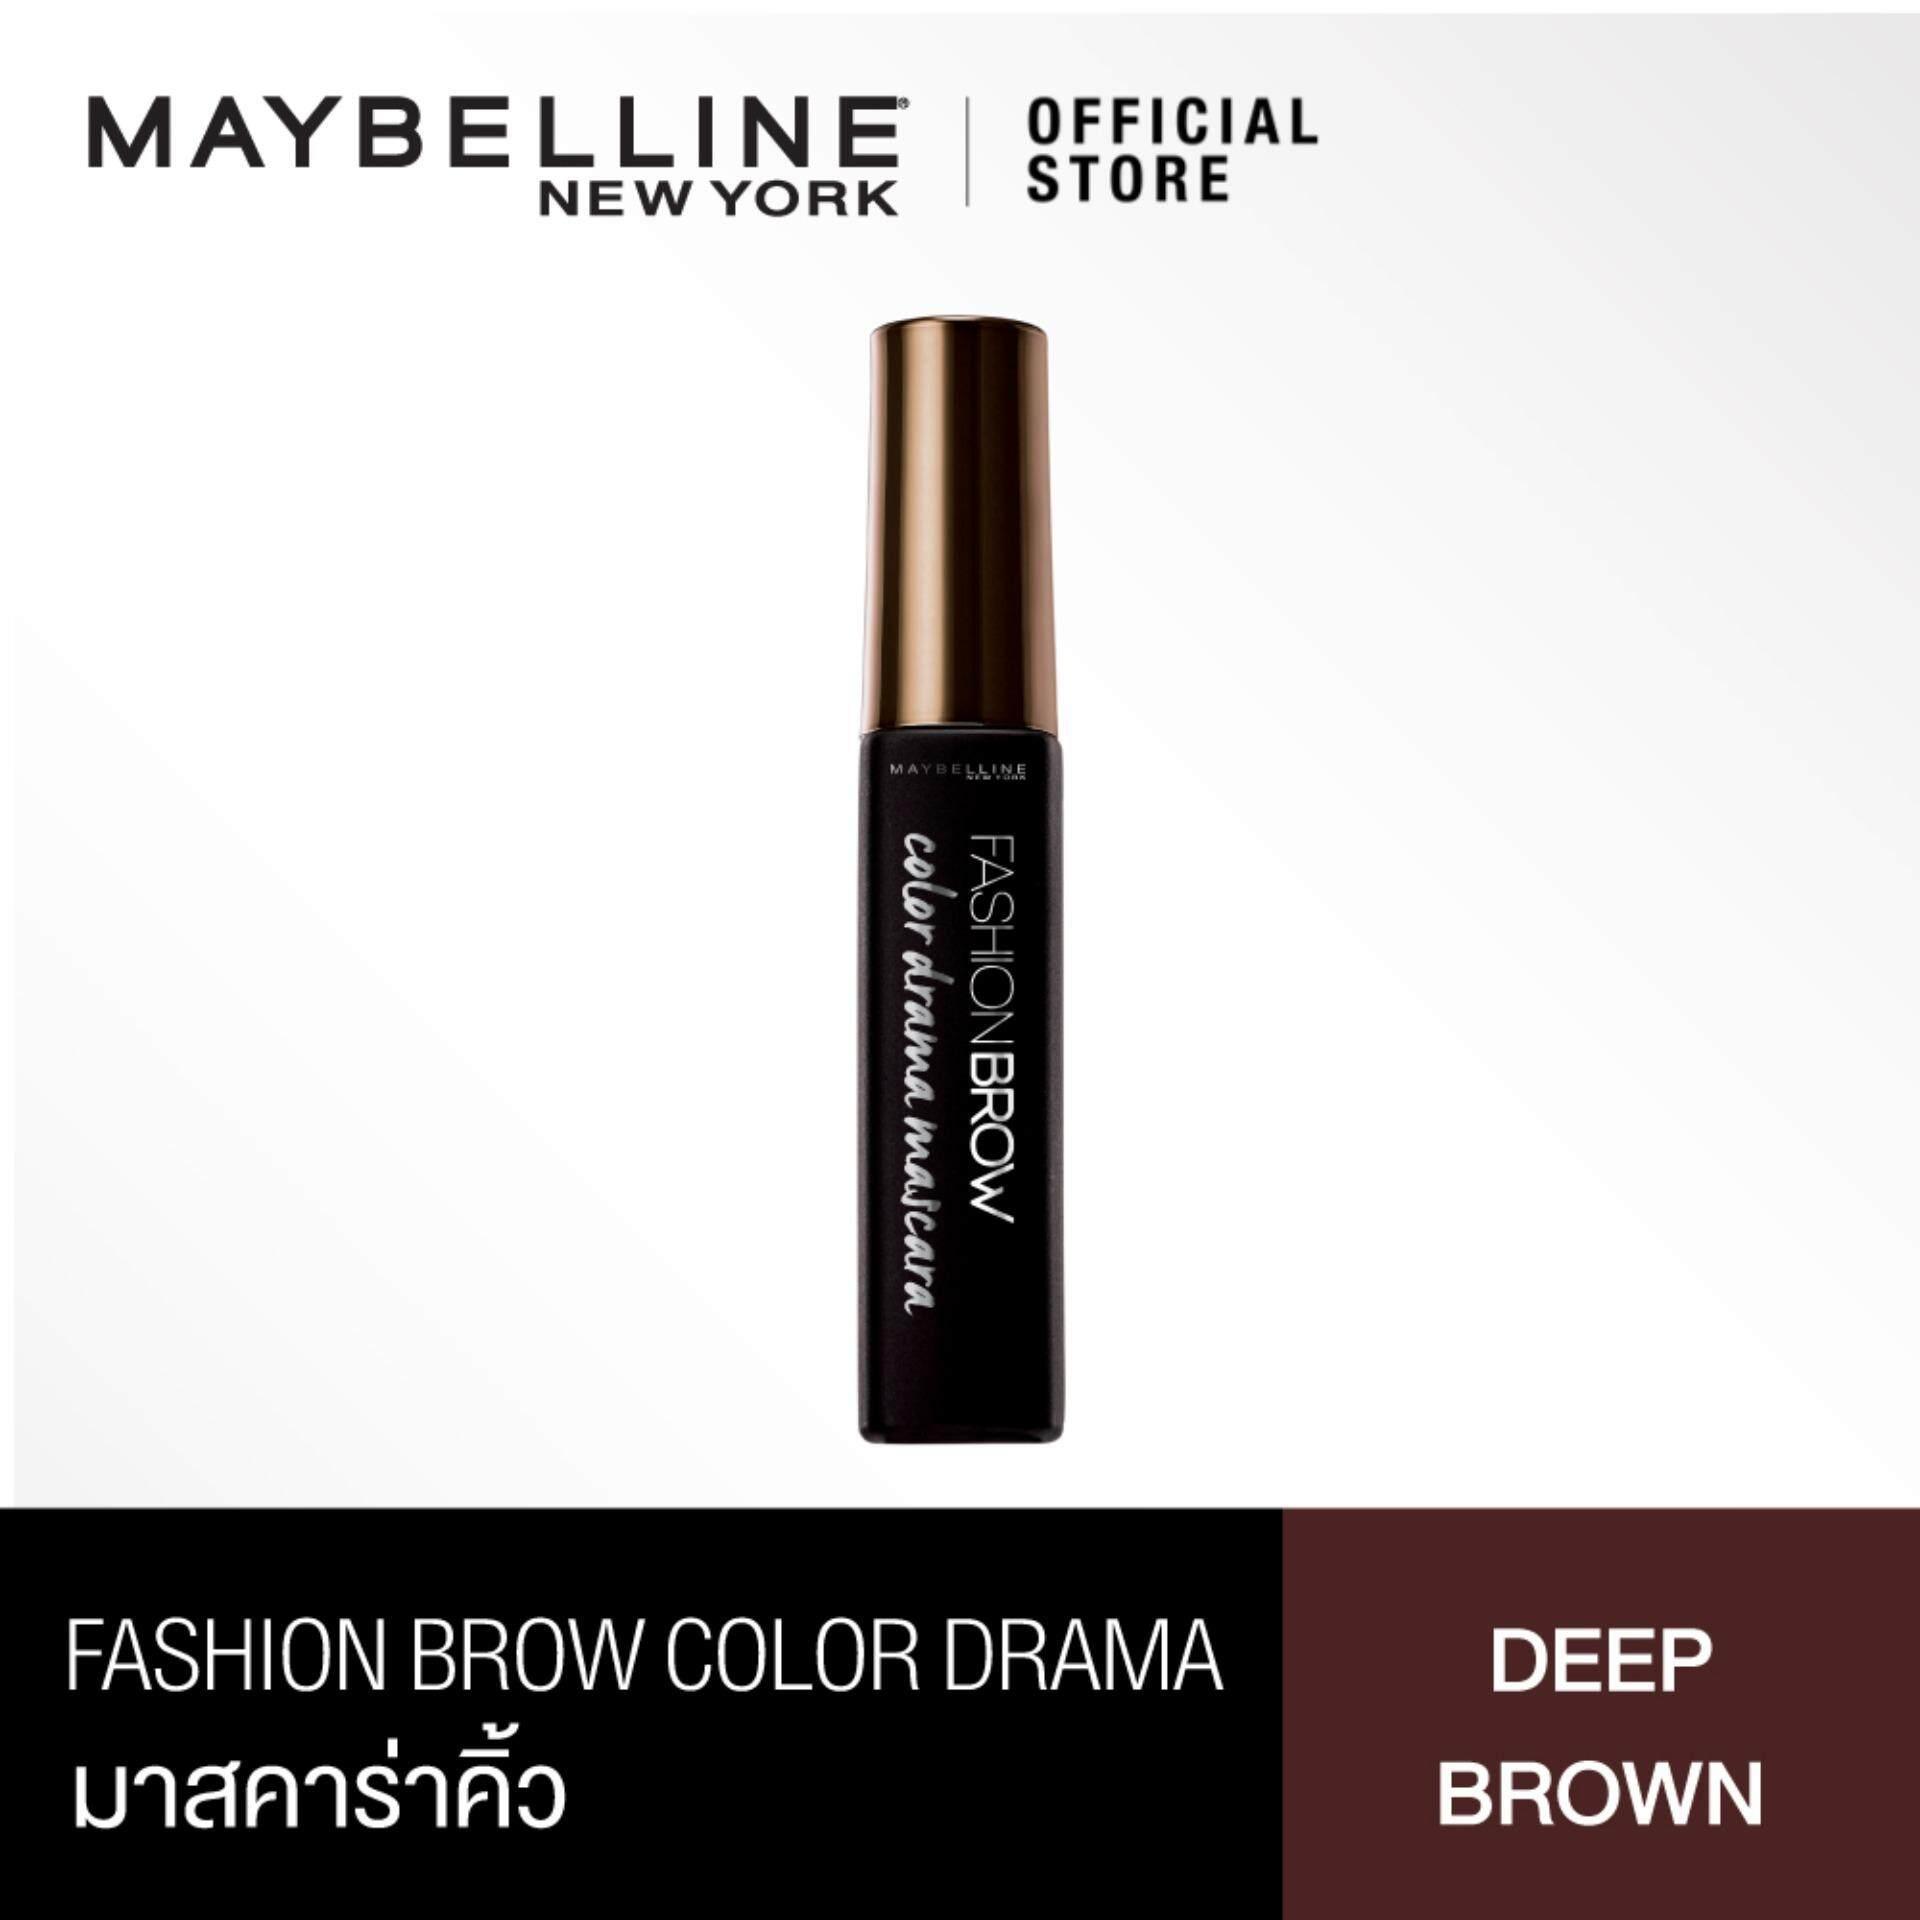 เมย์เบลลีน นิวยอร์ก แฟชั่น บราว คัลเลอร์ ดราม่า มาสคาร่า -ดีฟ บราวน์ Maybelline Newyork Fashion Brow Color Drama Mascara - Deep Brown